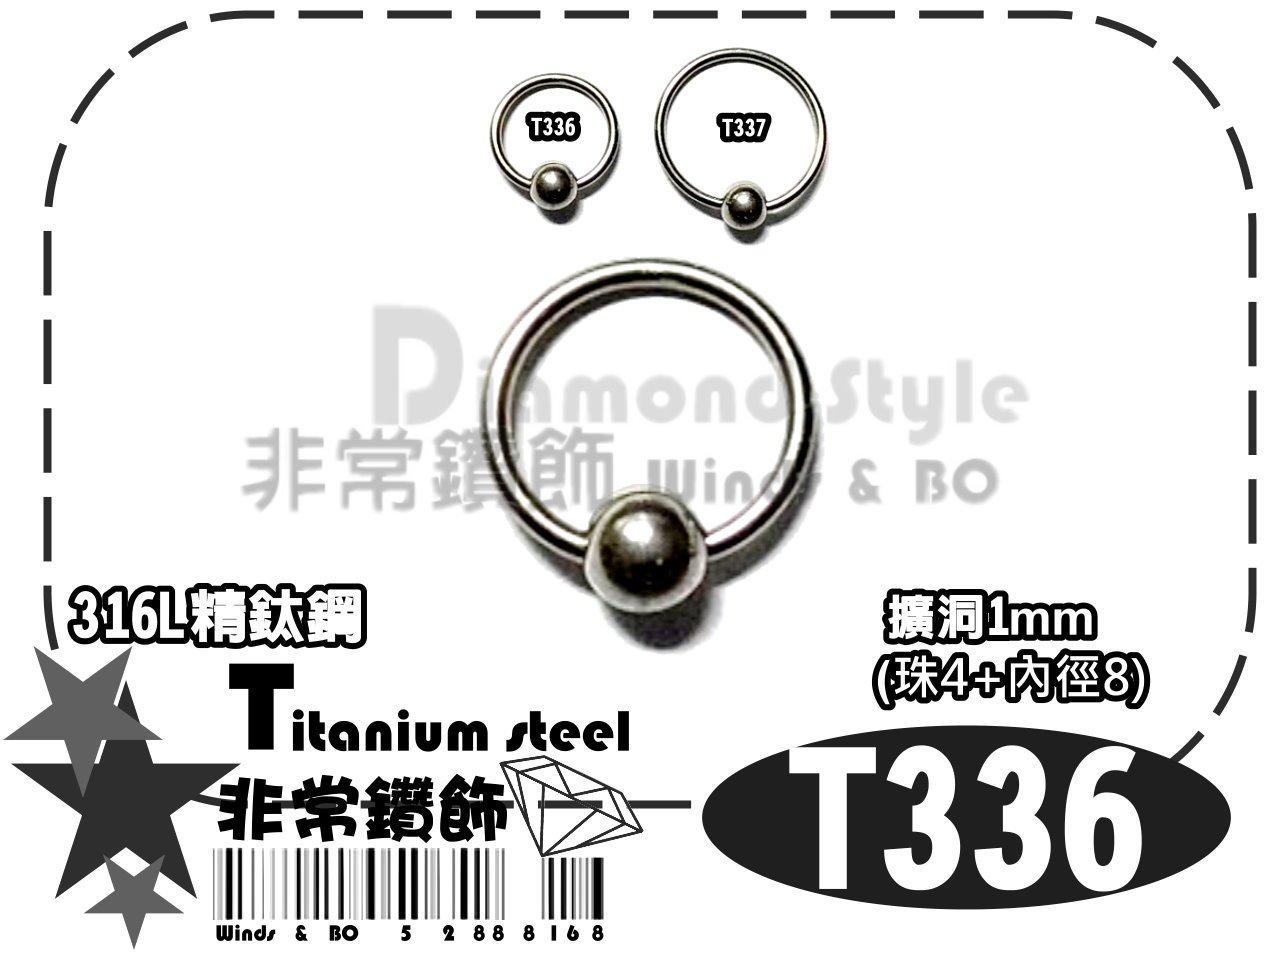 ~非常好鑽~ T336-微擴洞1mm(珠4 內徑8)-擴耳圓環單珠體環-鈦鋼抗過敏-Piercing穿刺